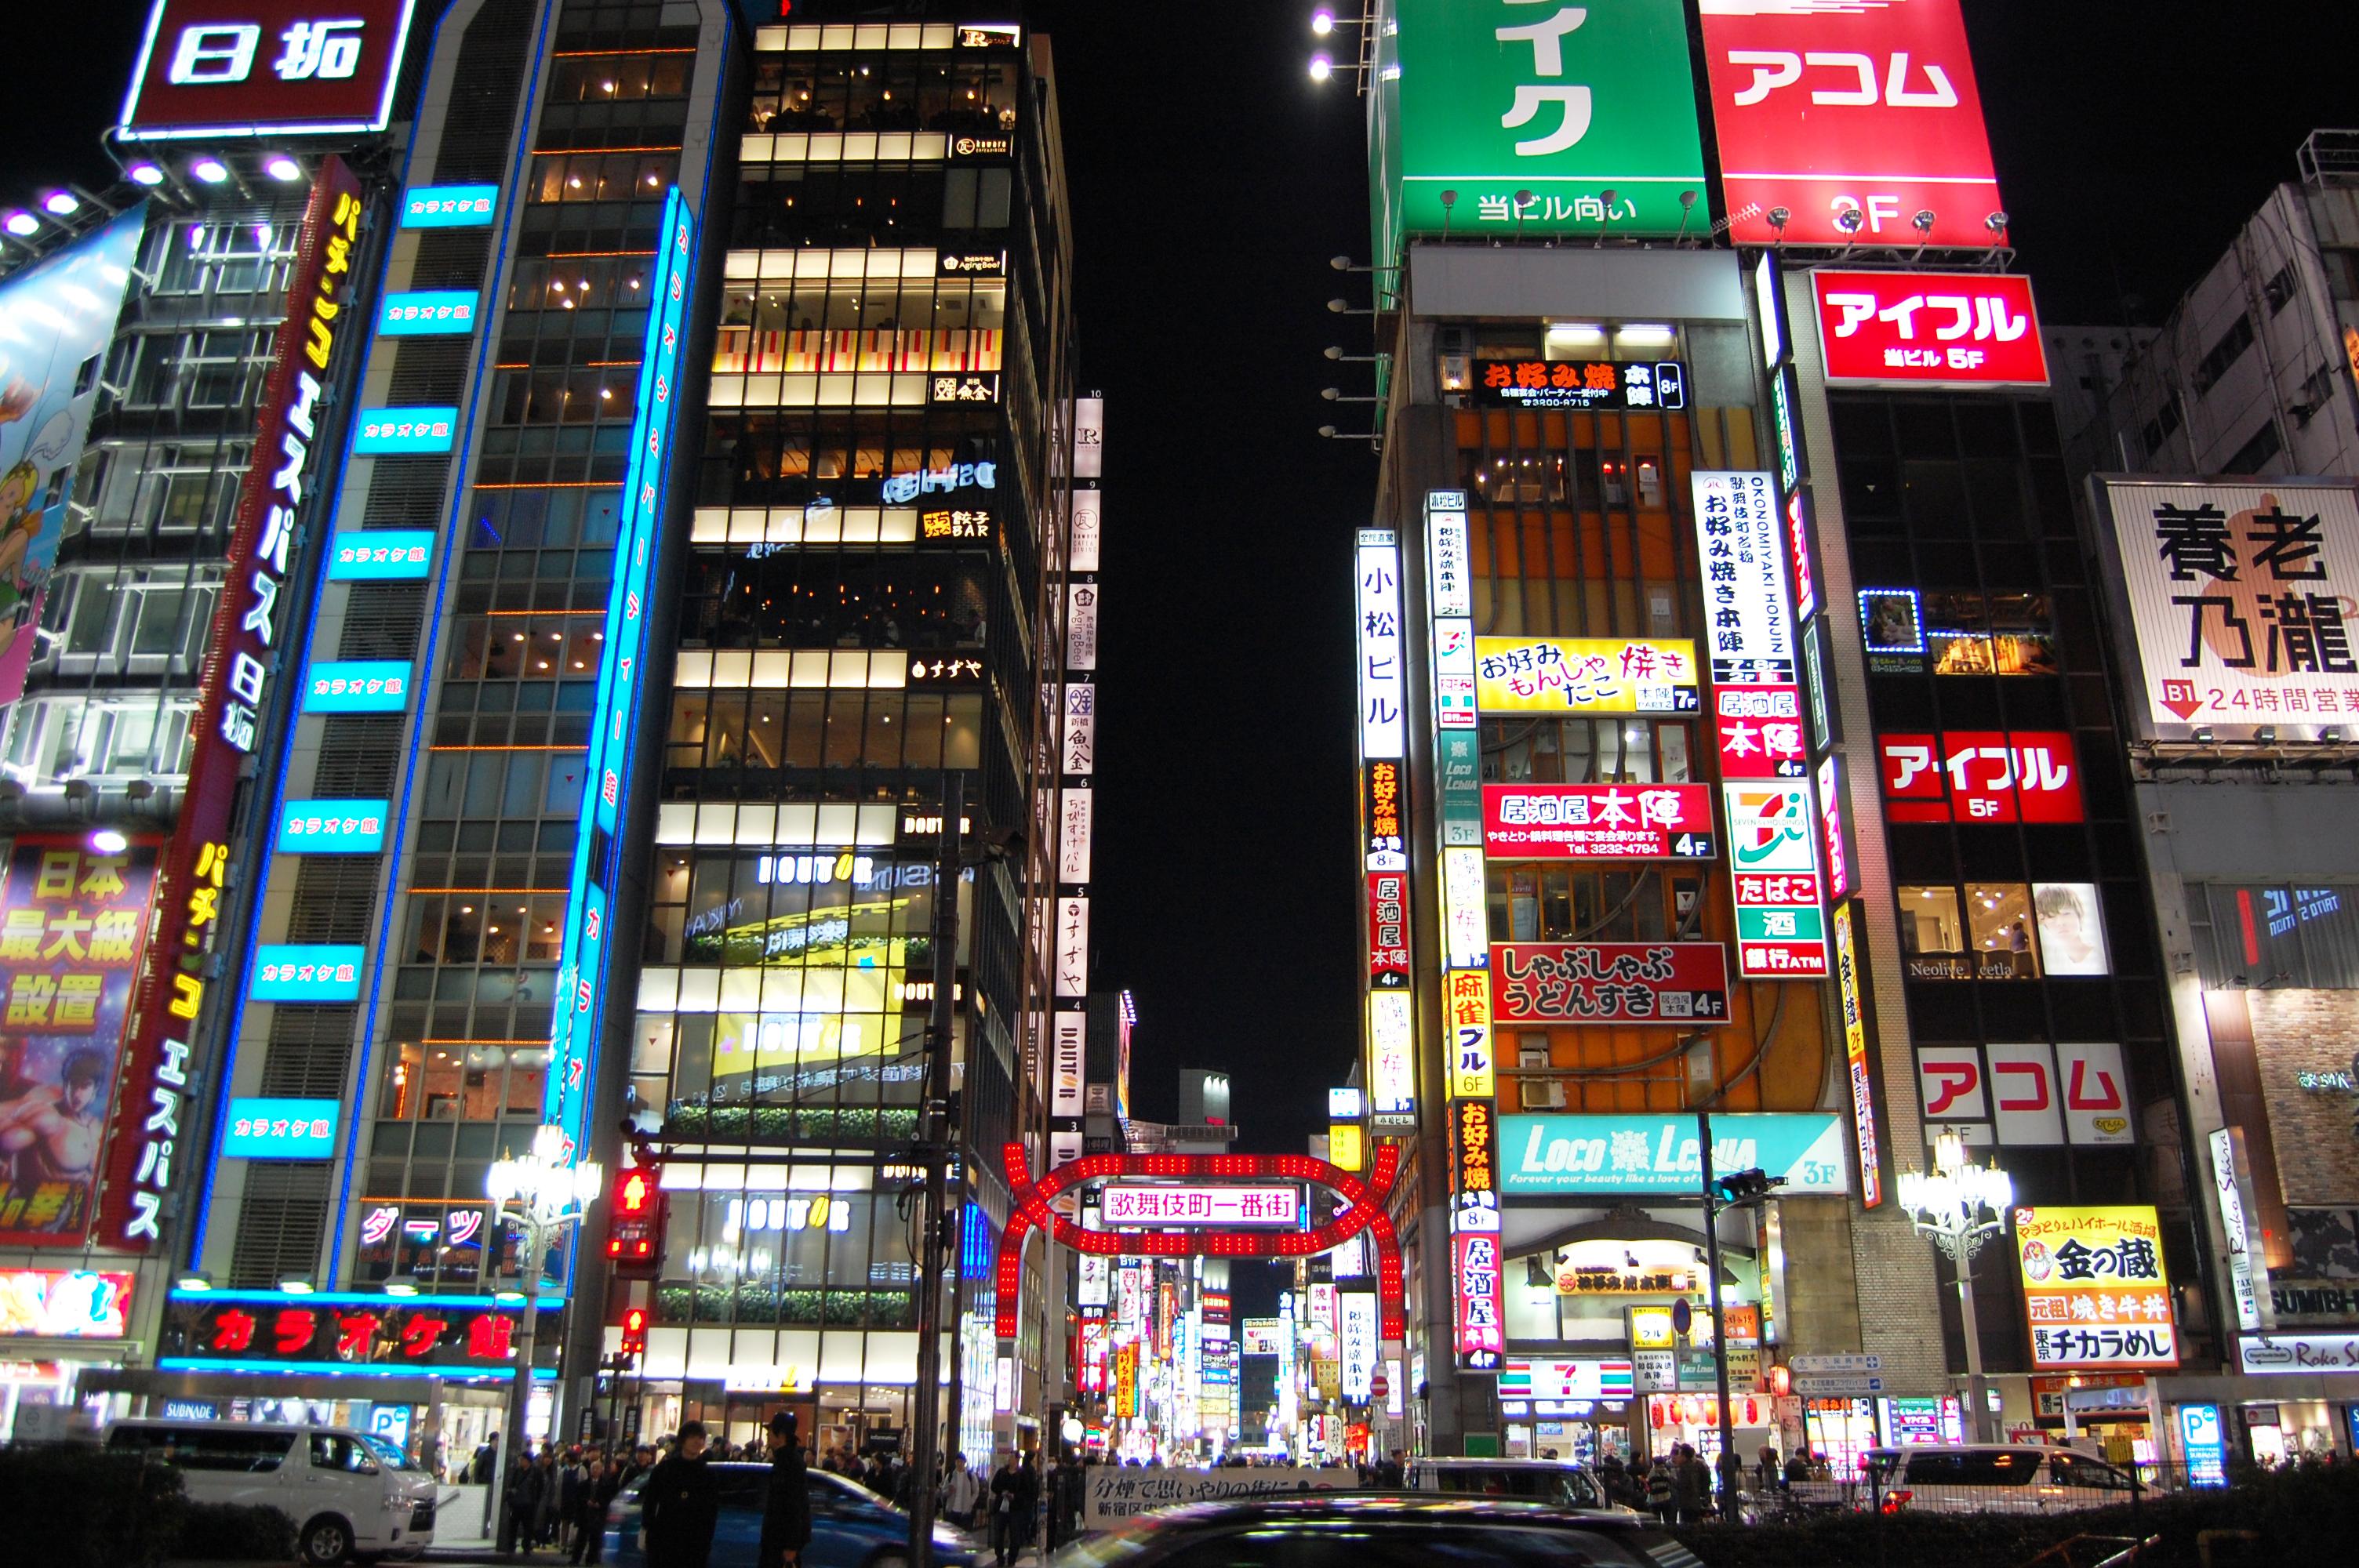 歌舞伎町一番街と周辺のビル | フリー素材ドットコム